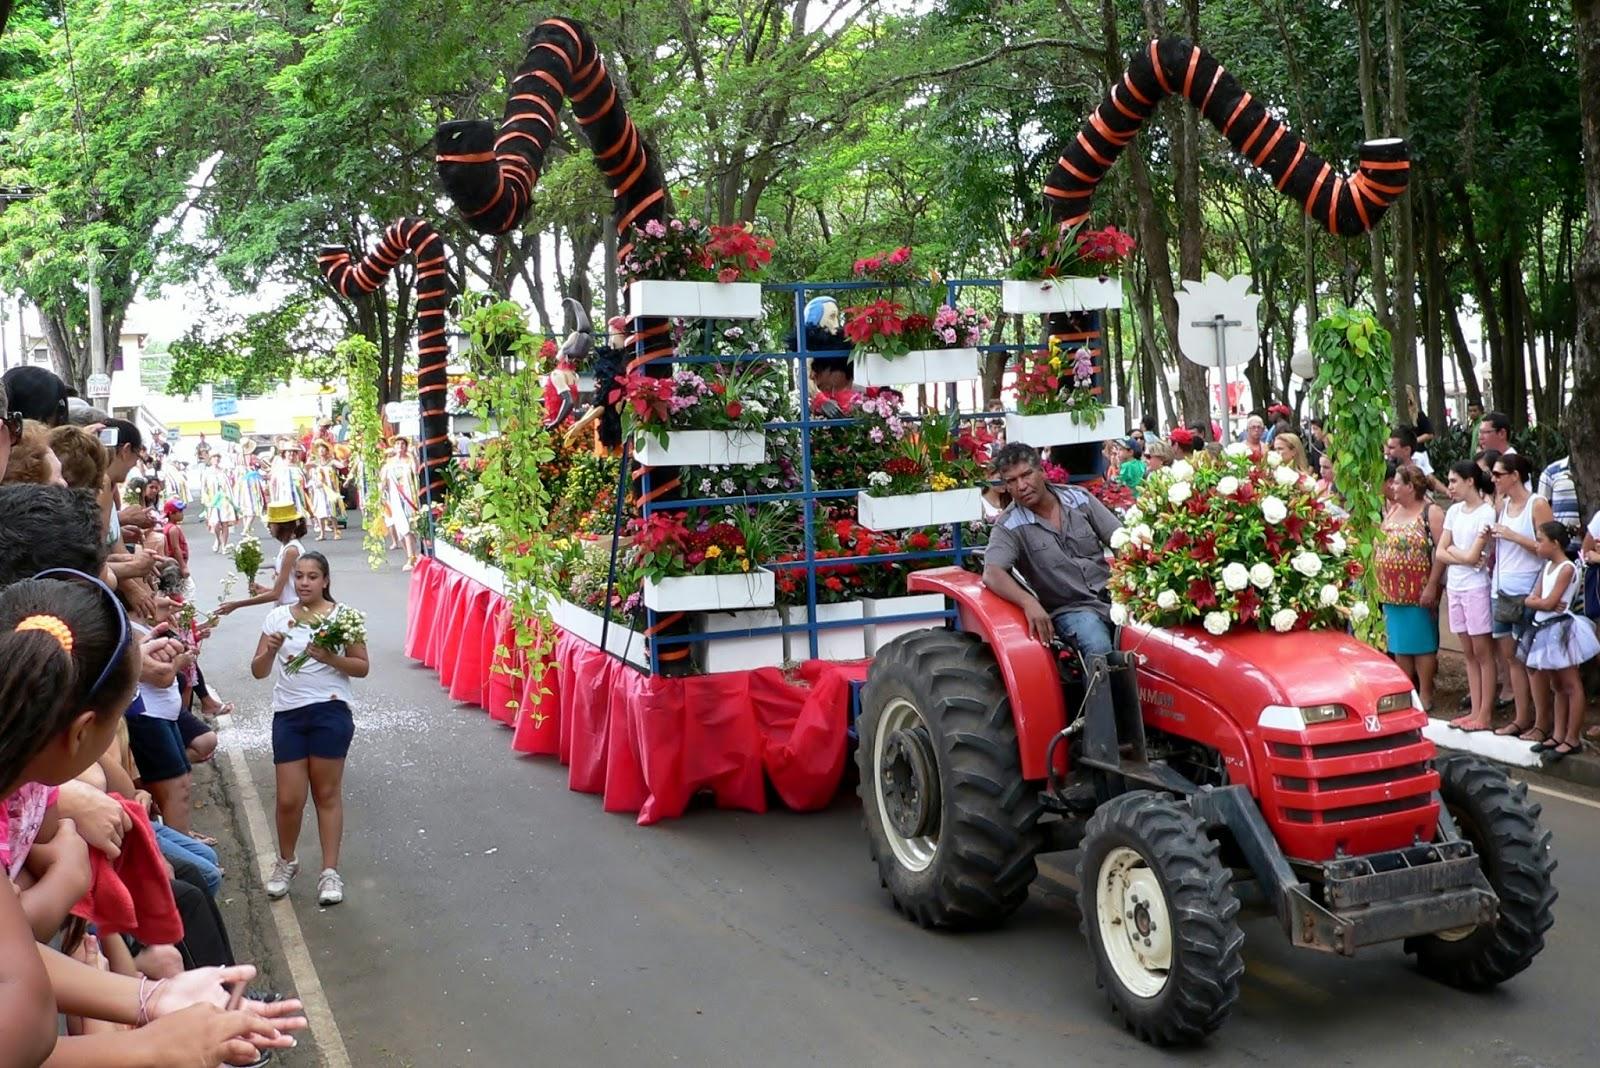 Festa das Flores e Morango de Atibaia Holambra 2015  - Fotos Holambra Festa Das Flores